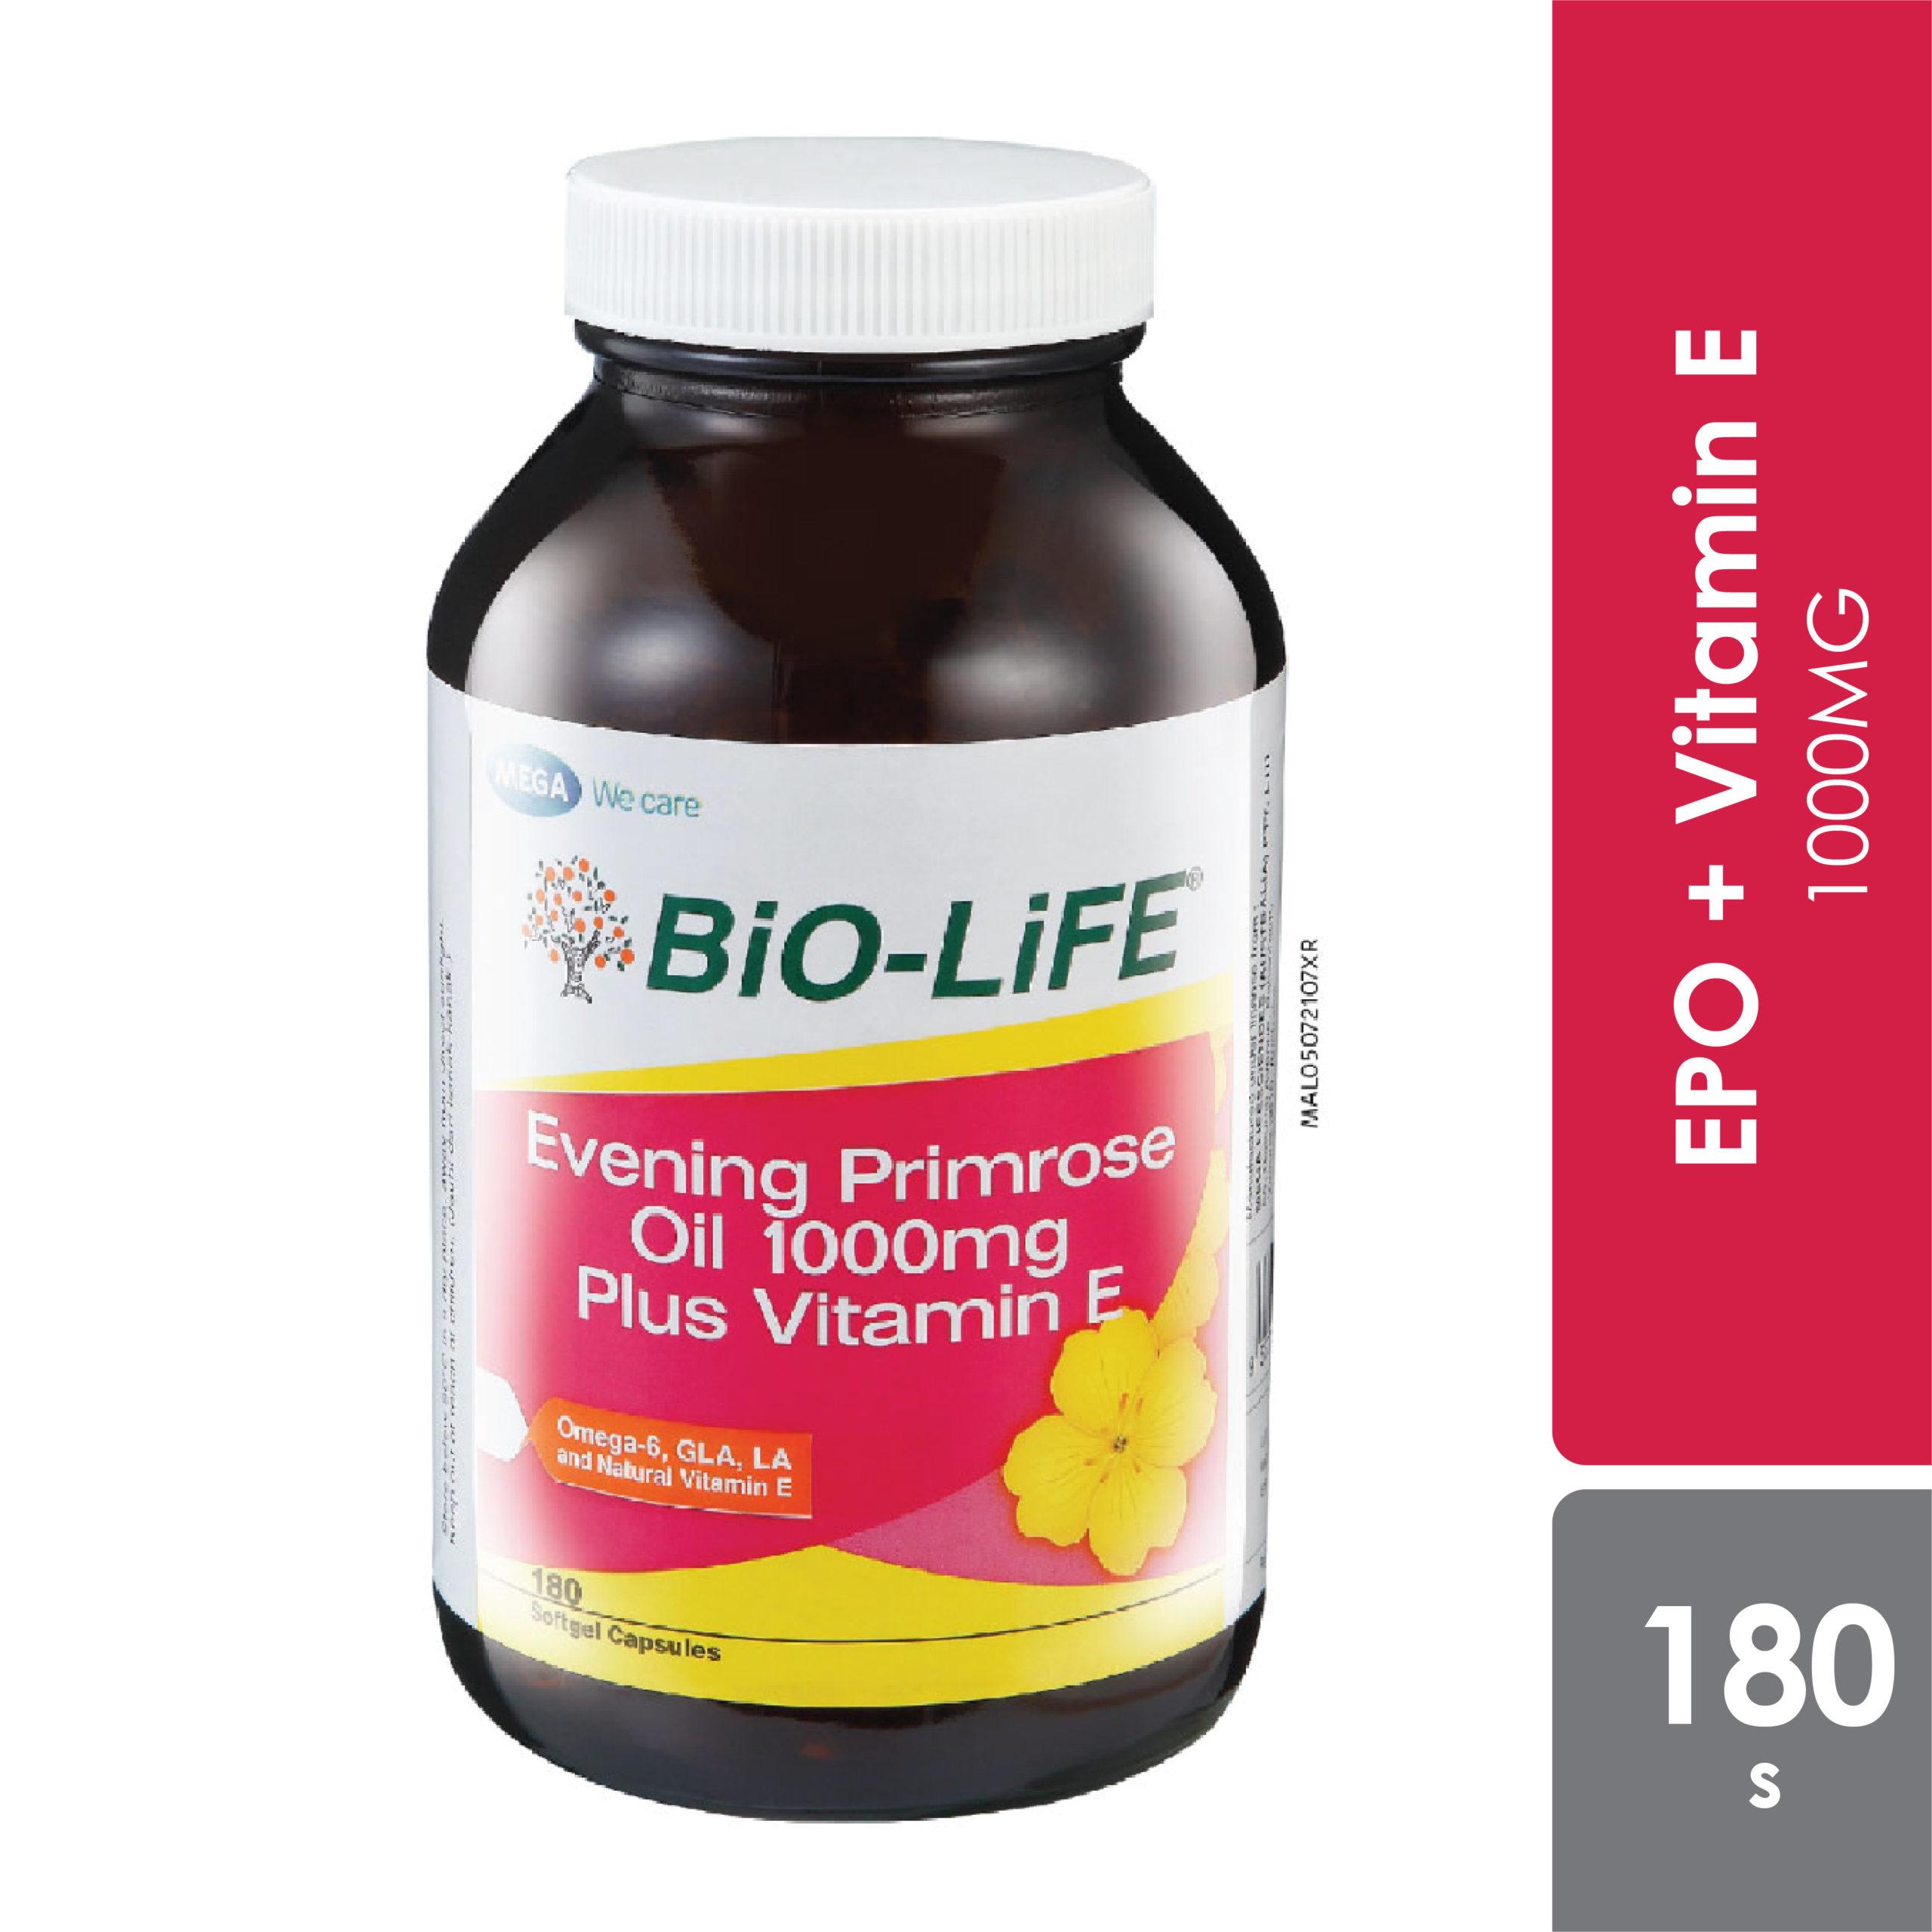 Bio-life Epo 1000mg Plus Vitamin E 180s